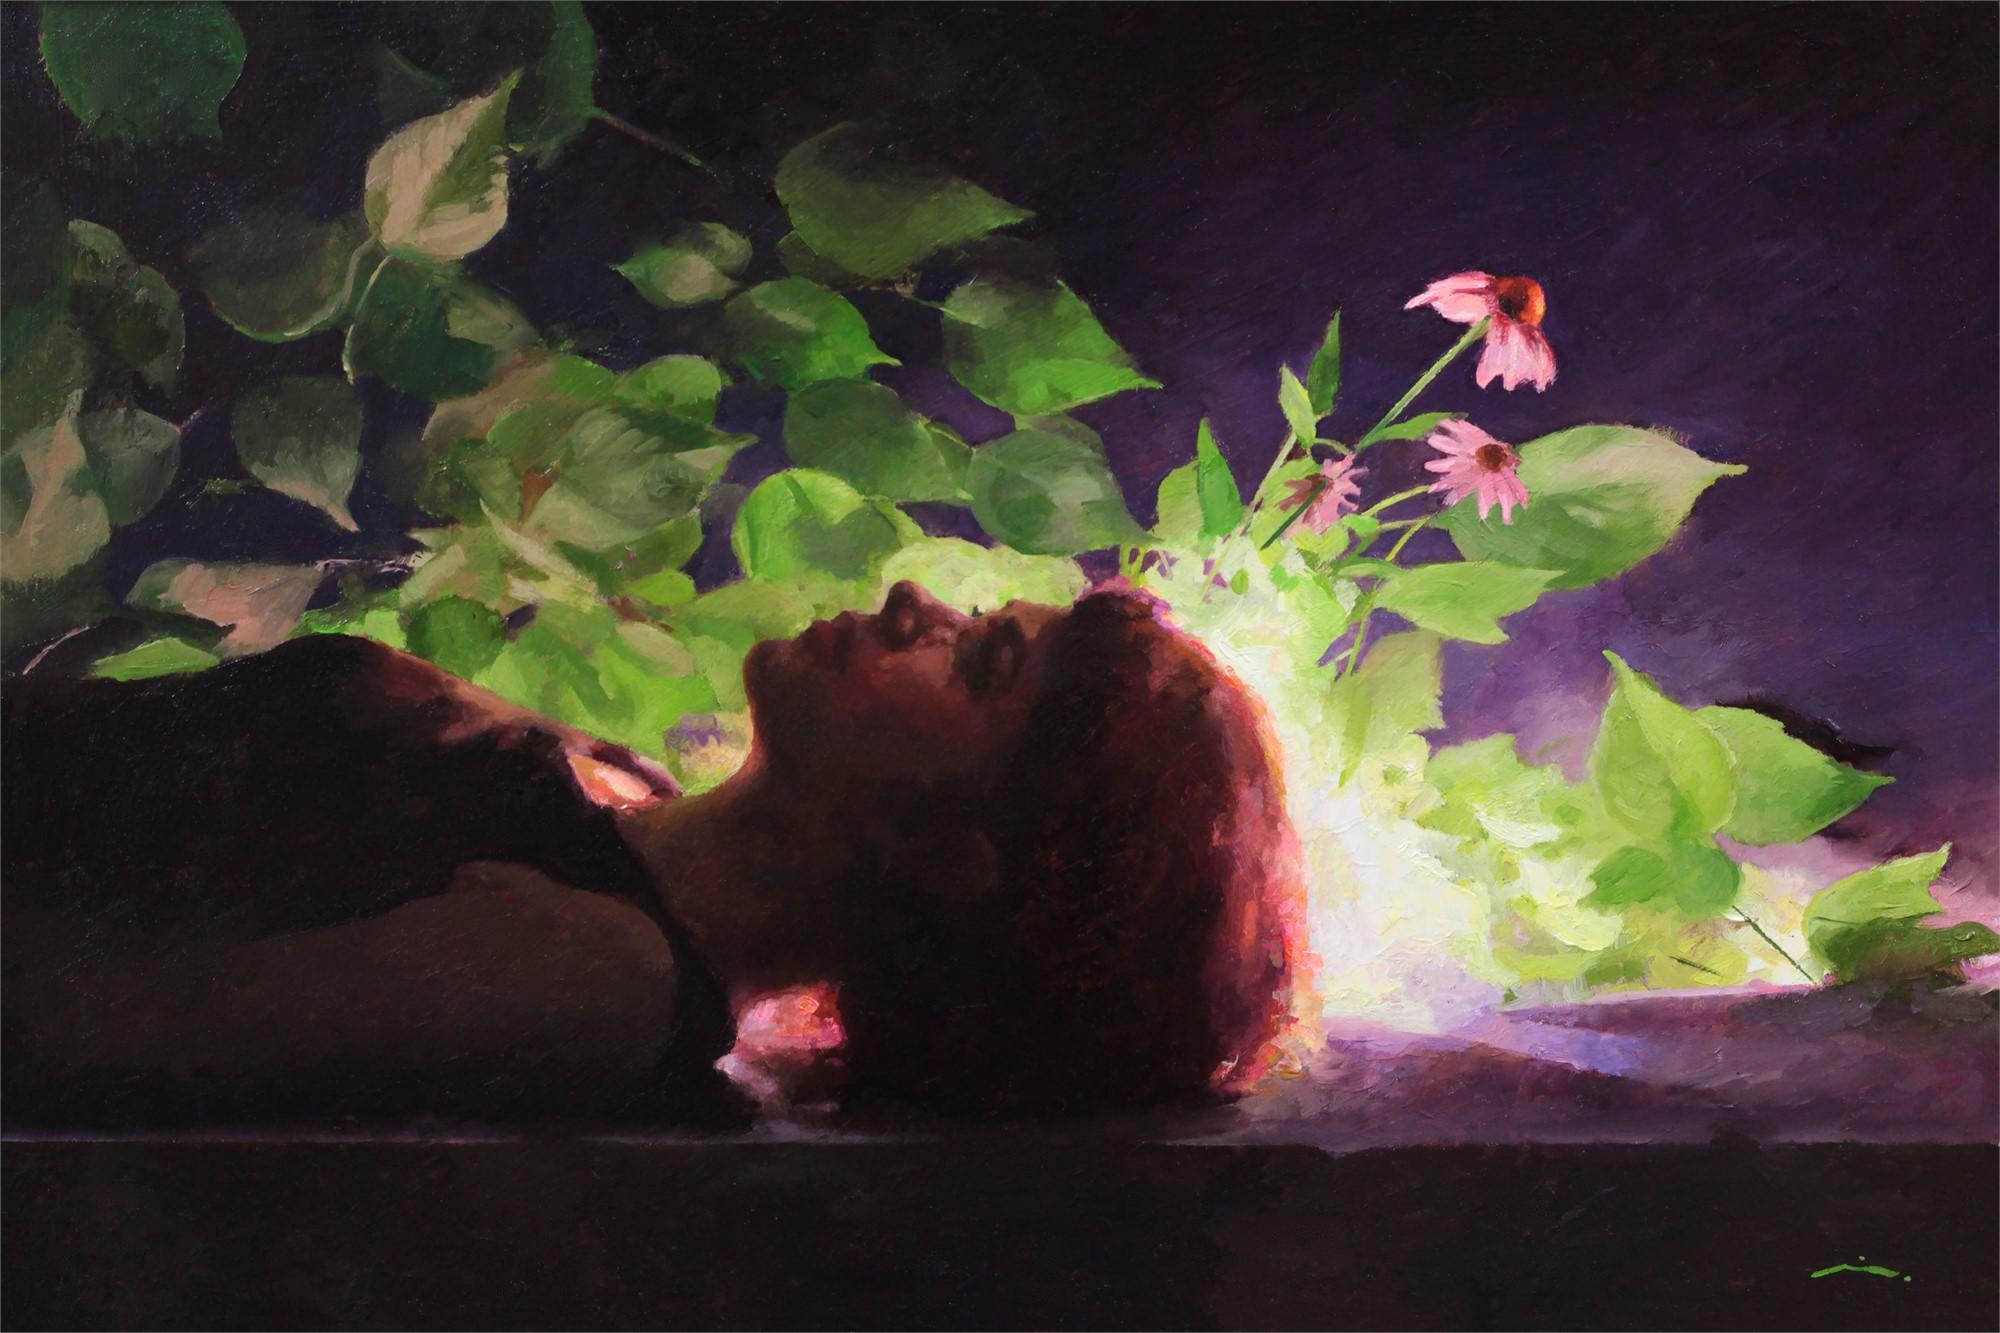 Biophiliac by Mia Bergeron